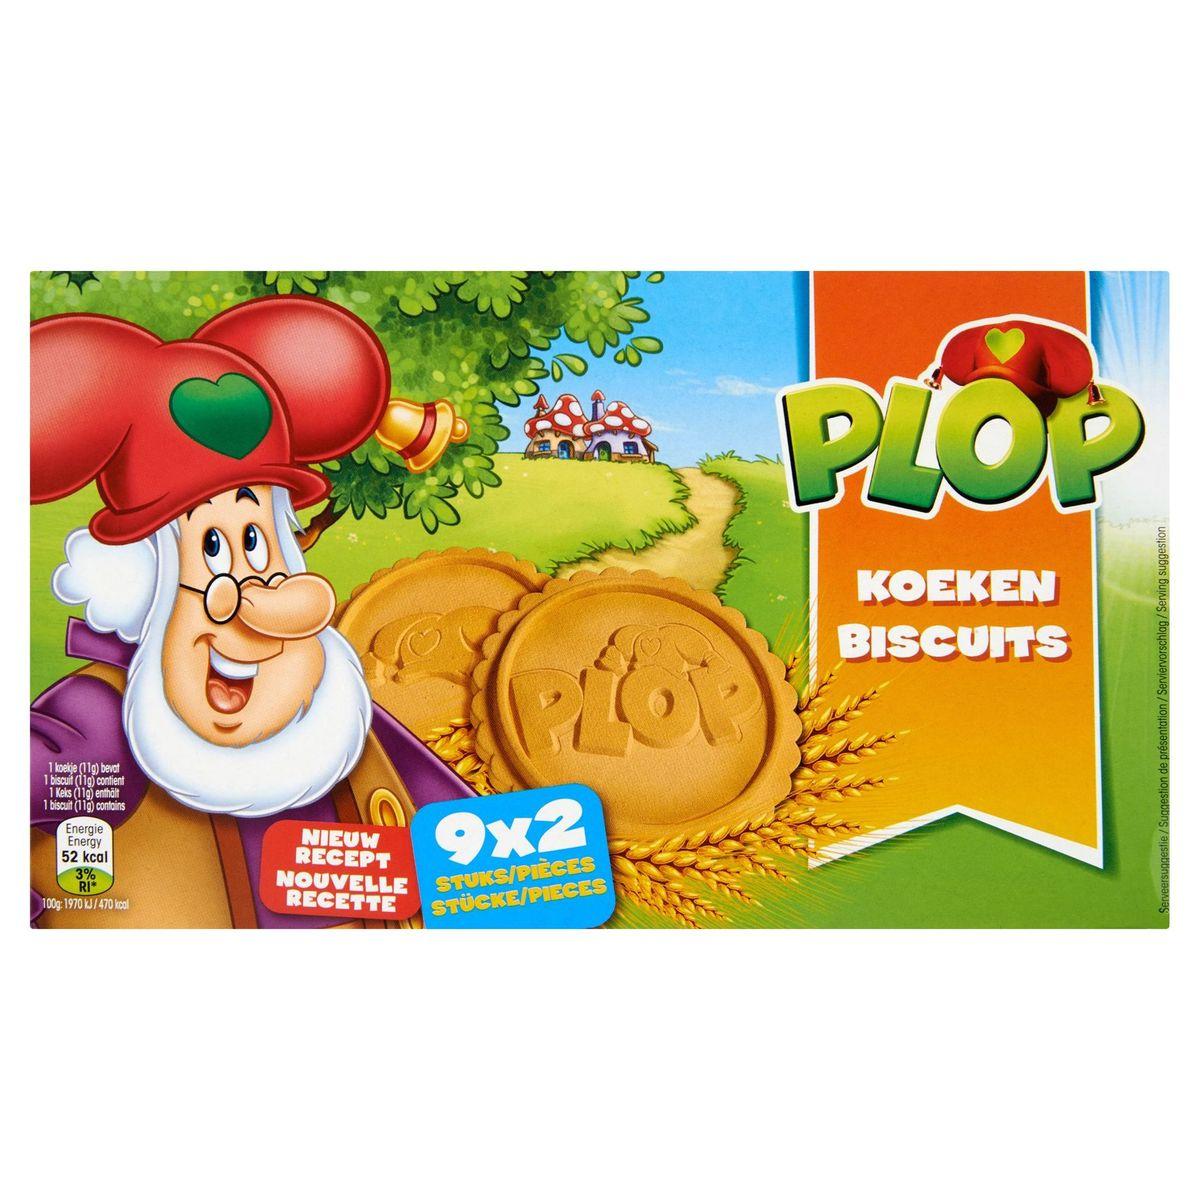 Plop Biscuits 9 x 2 Pièces 200 g